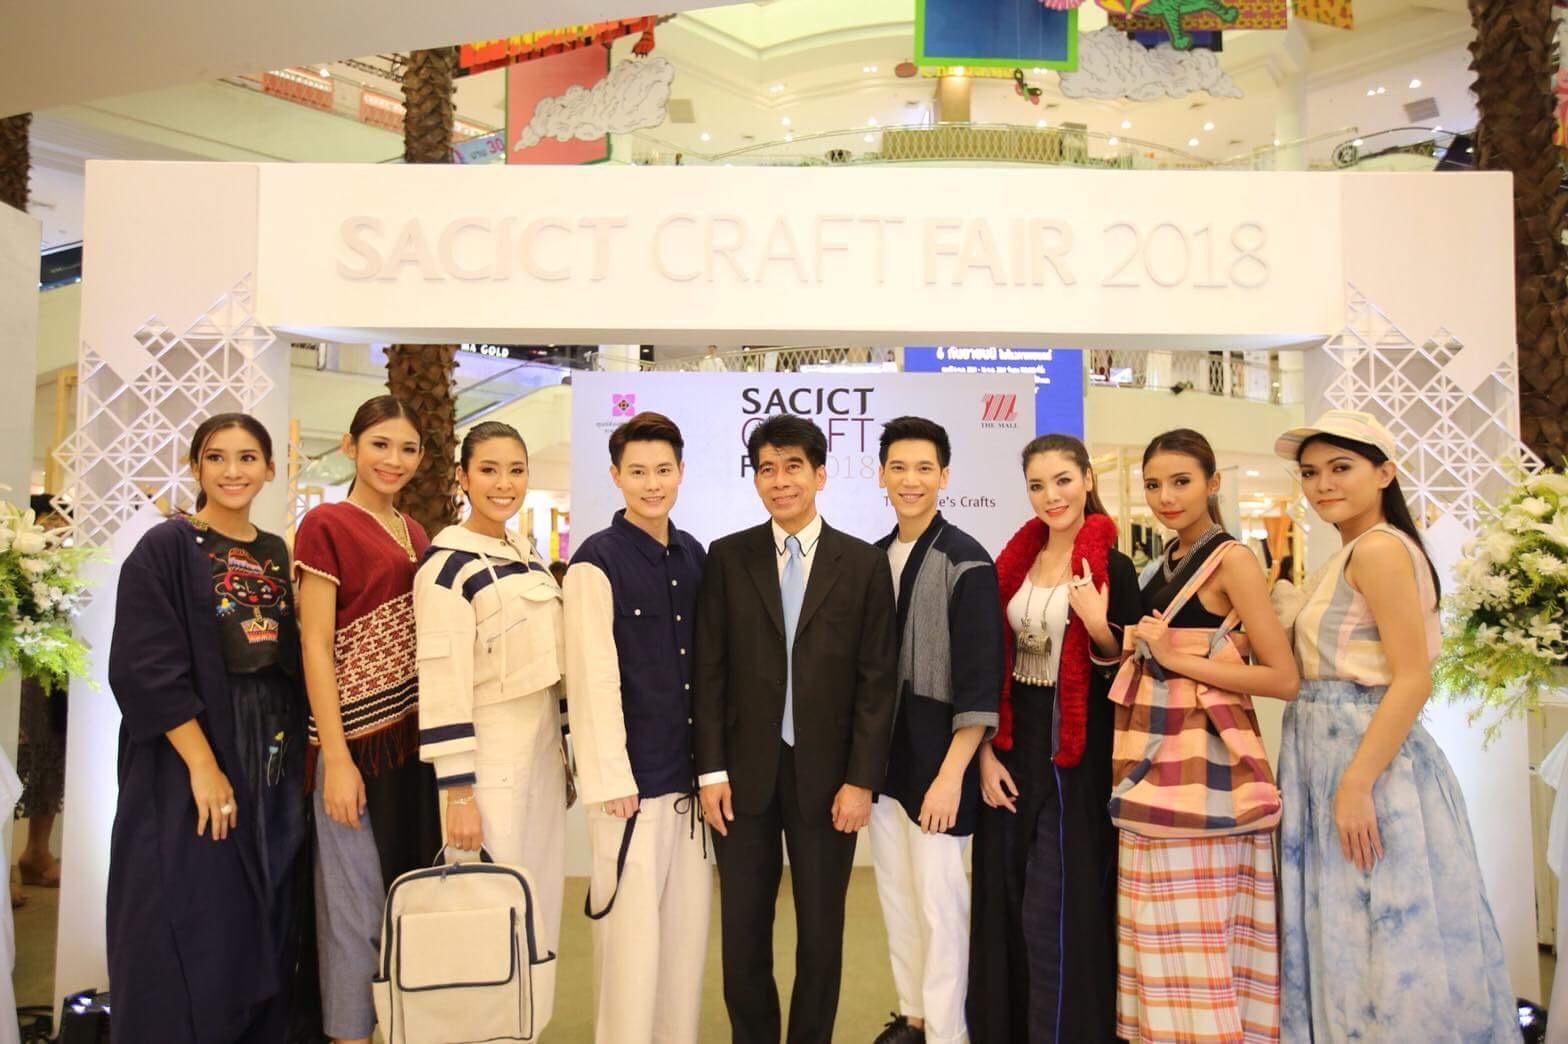 ศูนย์ส่งเสริมศิลปาชีพฯ จัดงาน SACICT Craft Fair 2018 ครั้งที่ 2 เพื่อส่งเสริมงานหัตถศิลป์ไทย